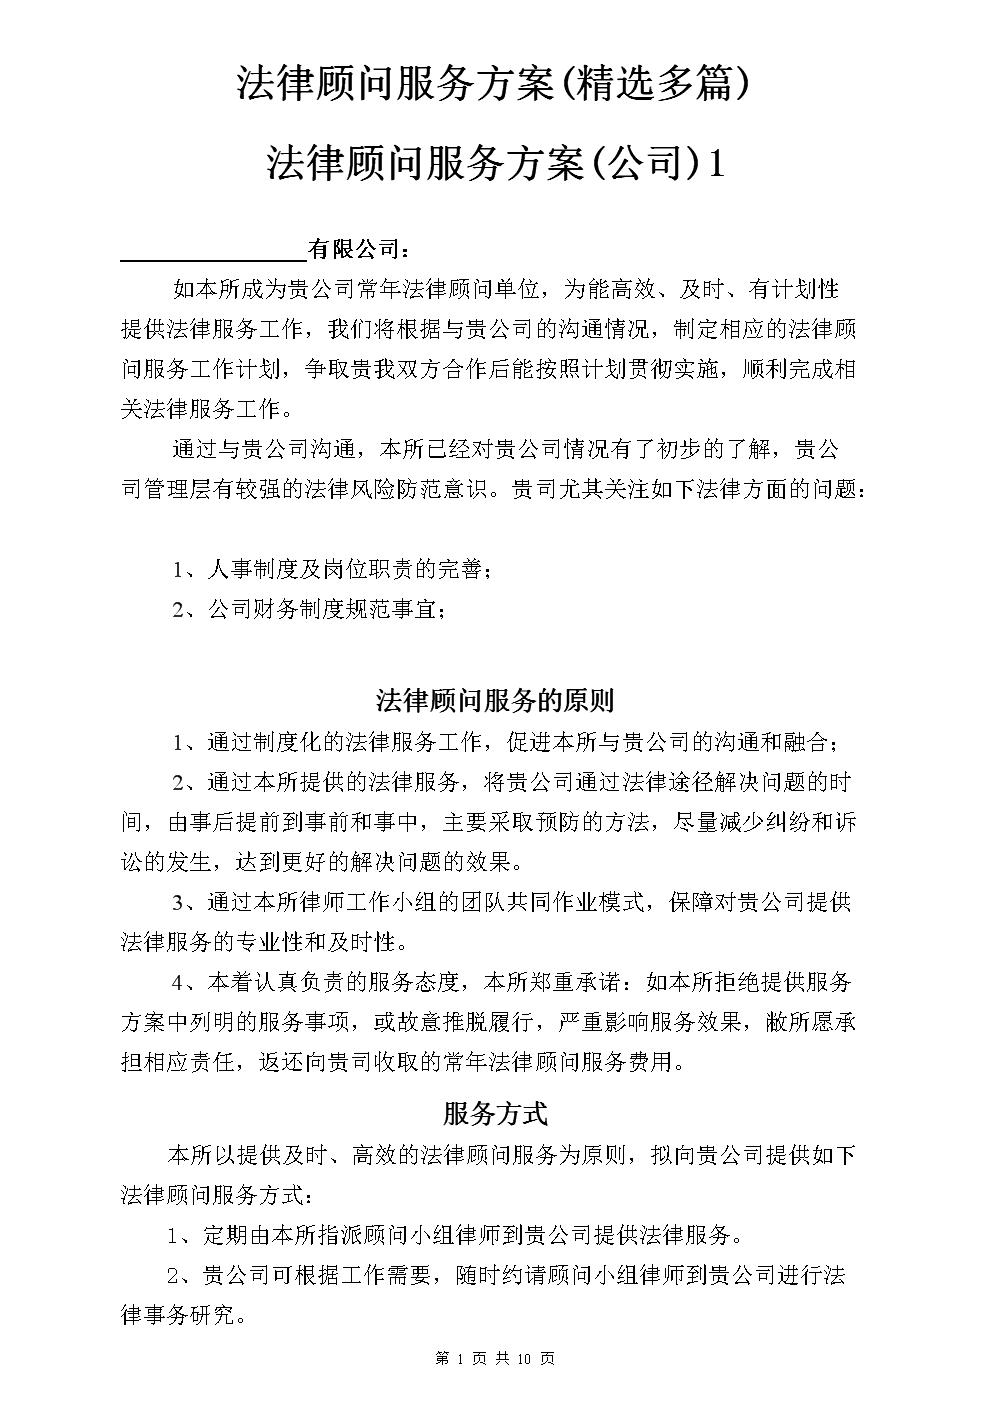 法律顧問服務方案(精選多篇).doc